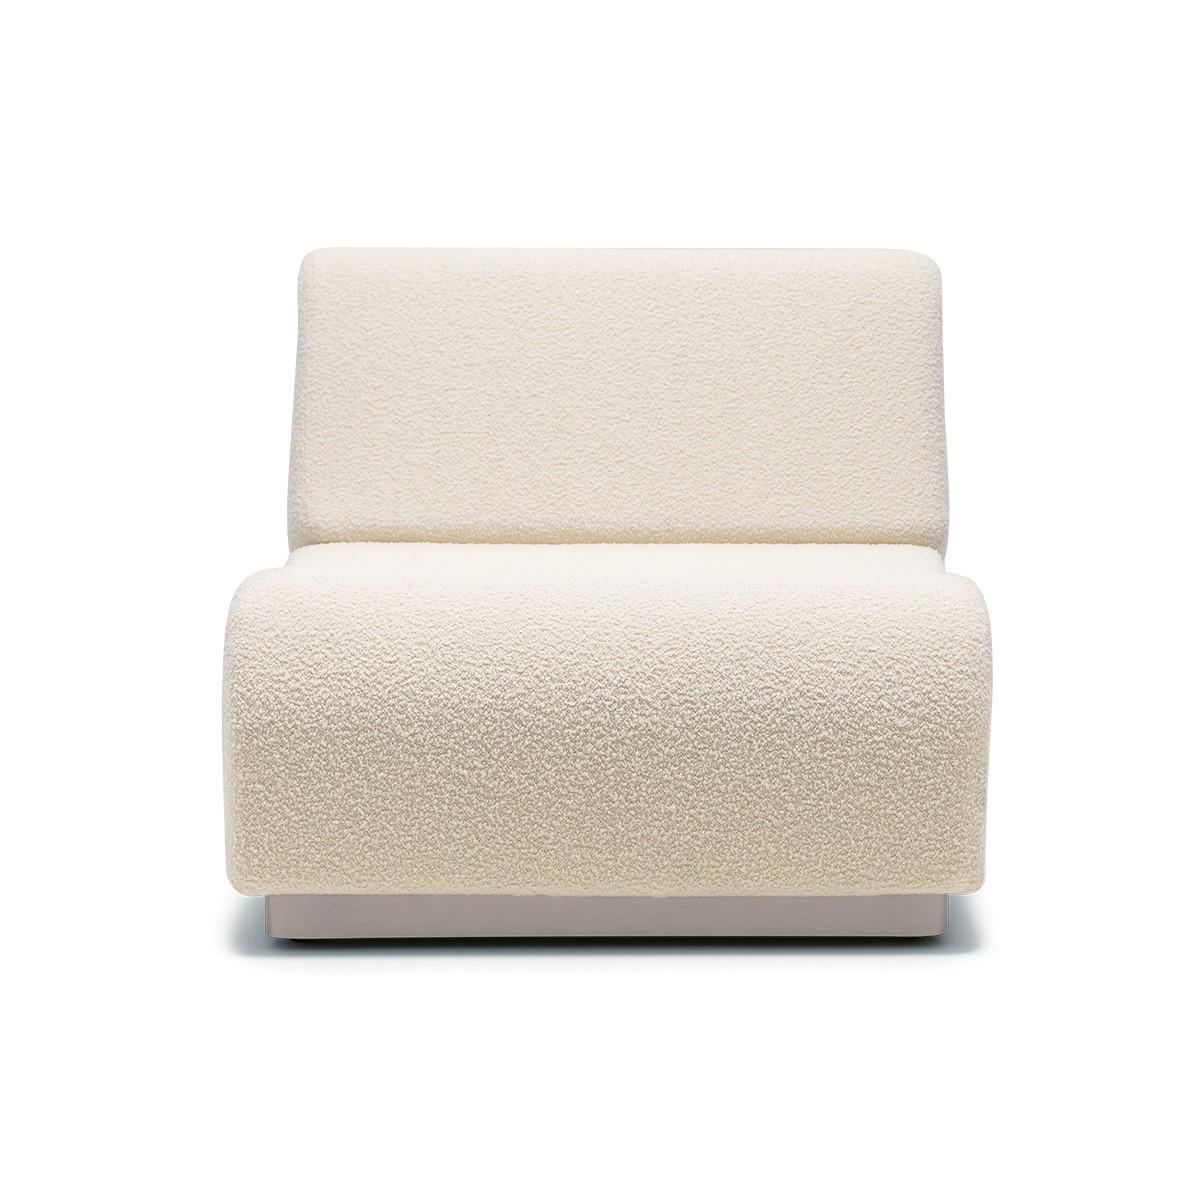 Chauffeuse modulable Rotondo laine bouclette blanc crème